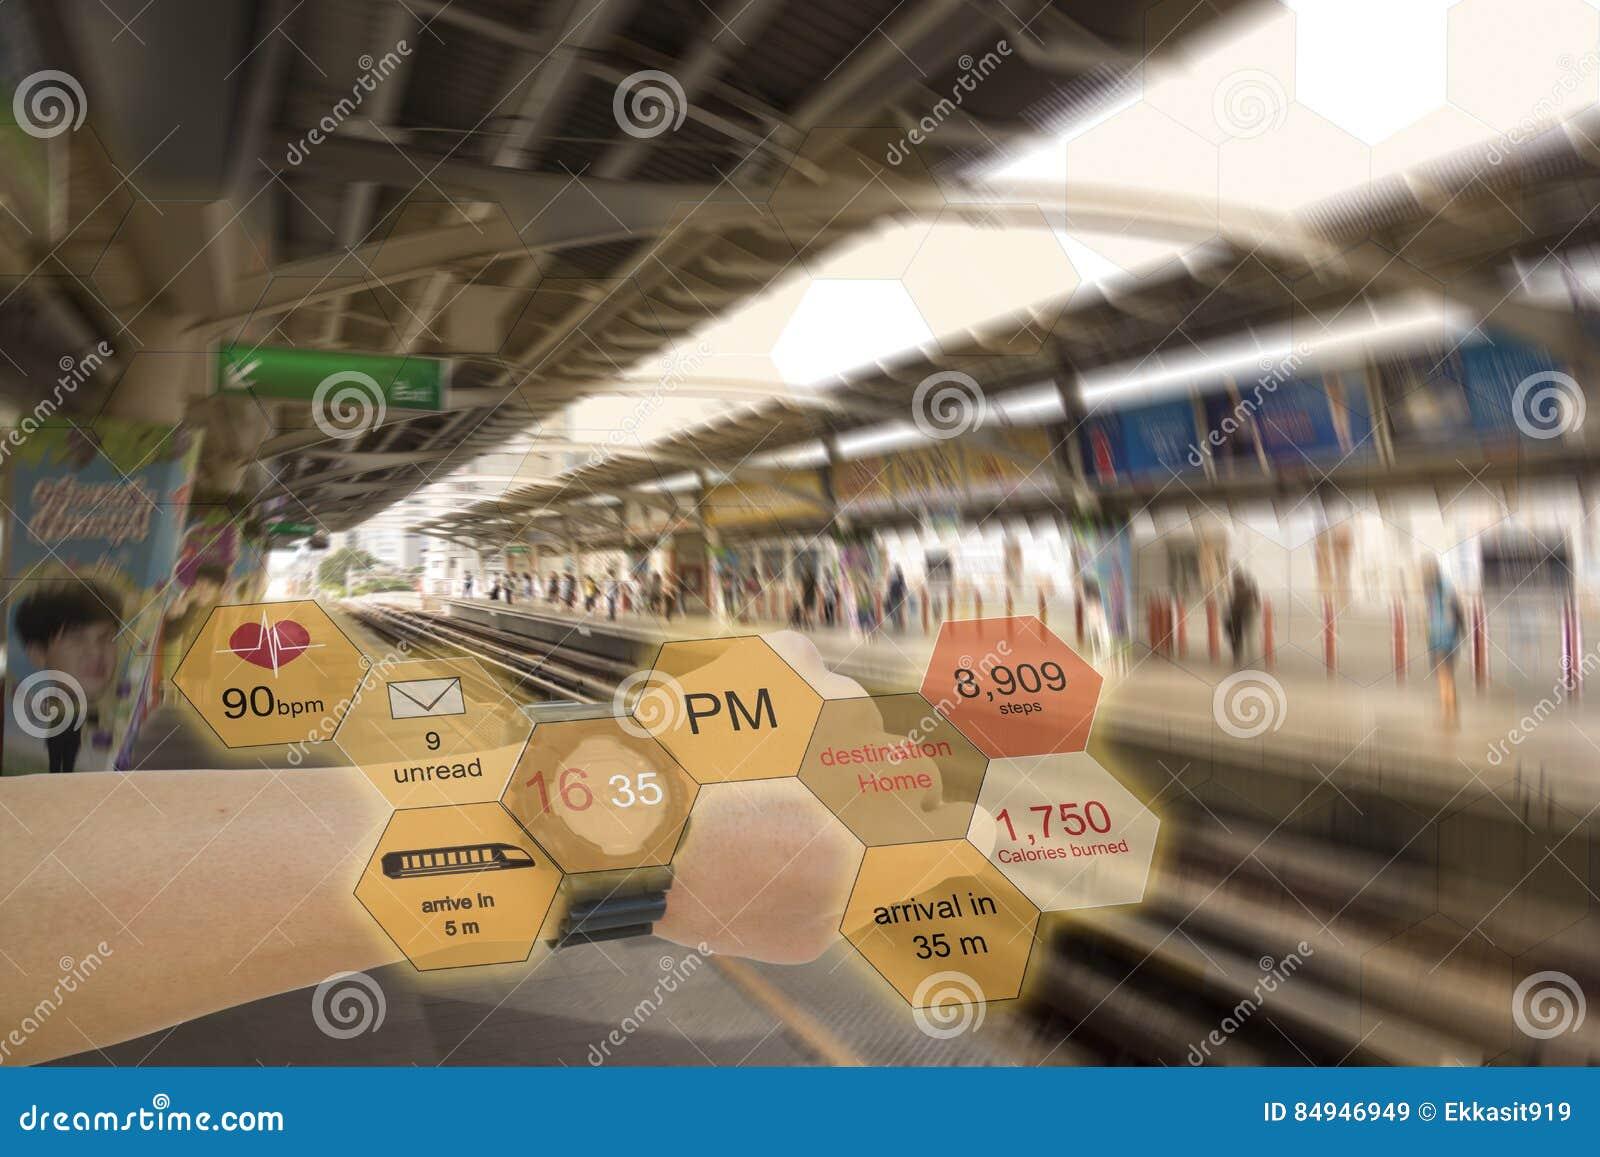 Internet de conceitos da tecnologia das coisas o relógio aumentado uso da realidade do homem para receber a informação ou ajudar